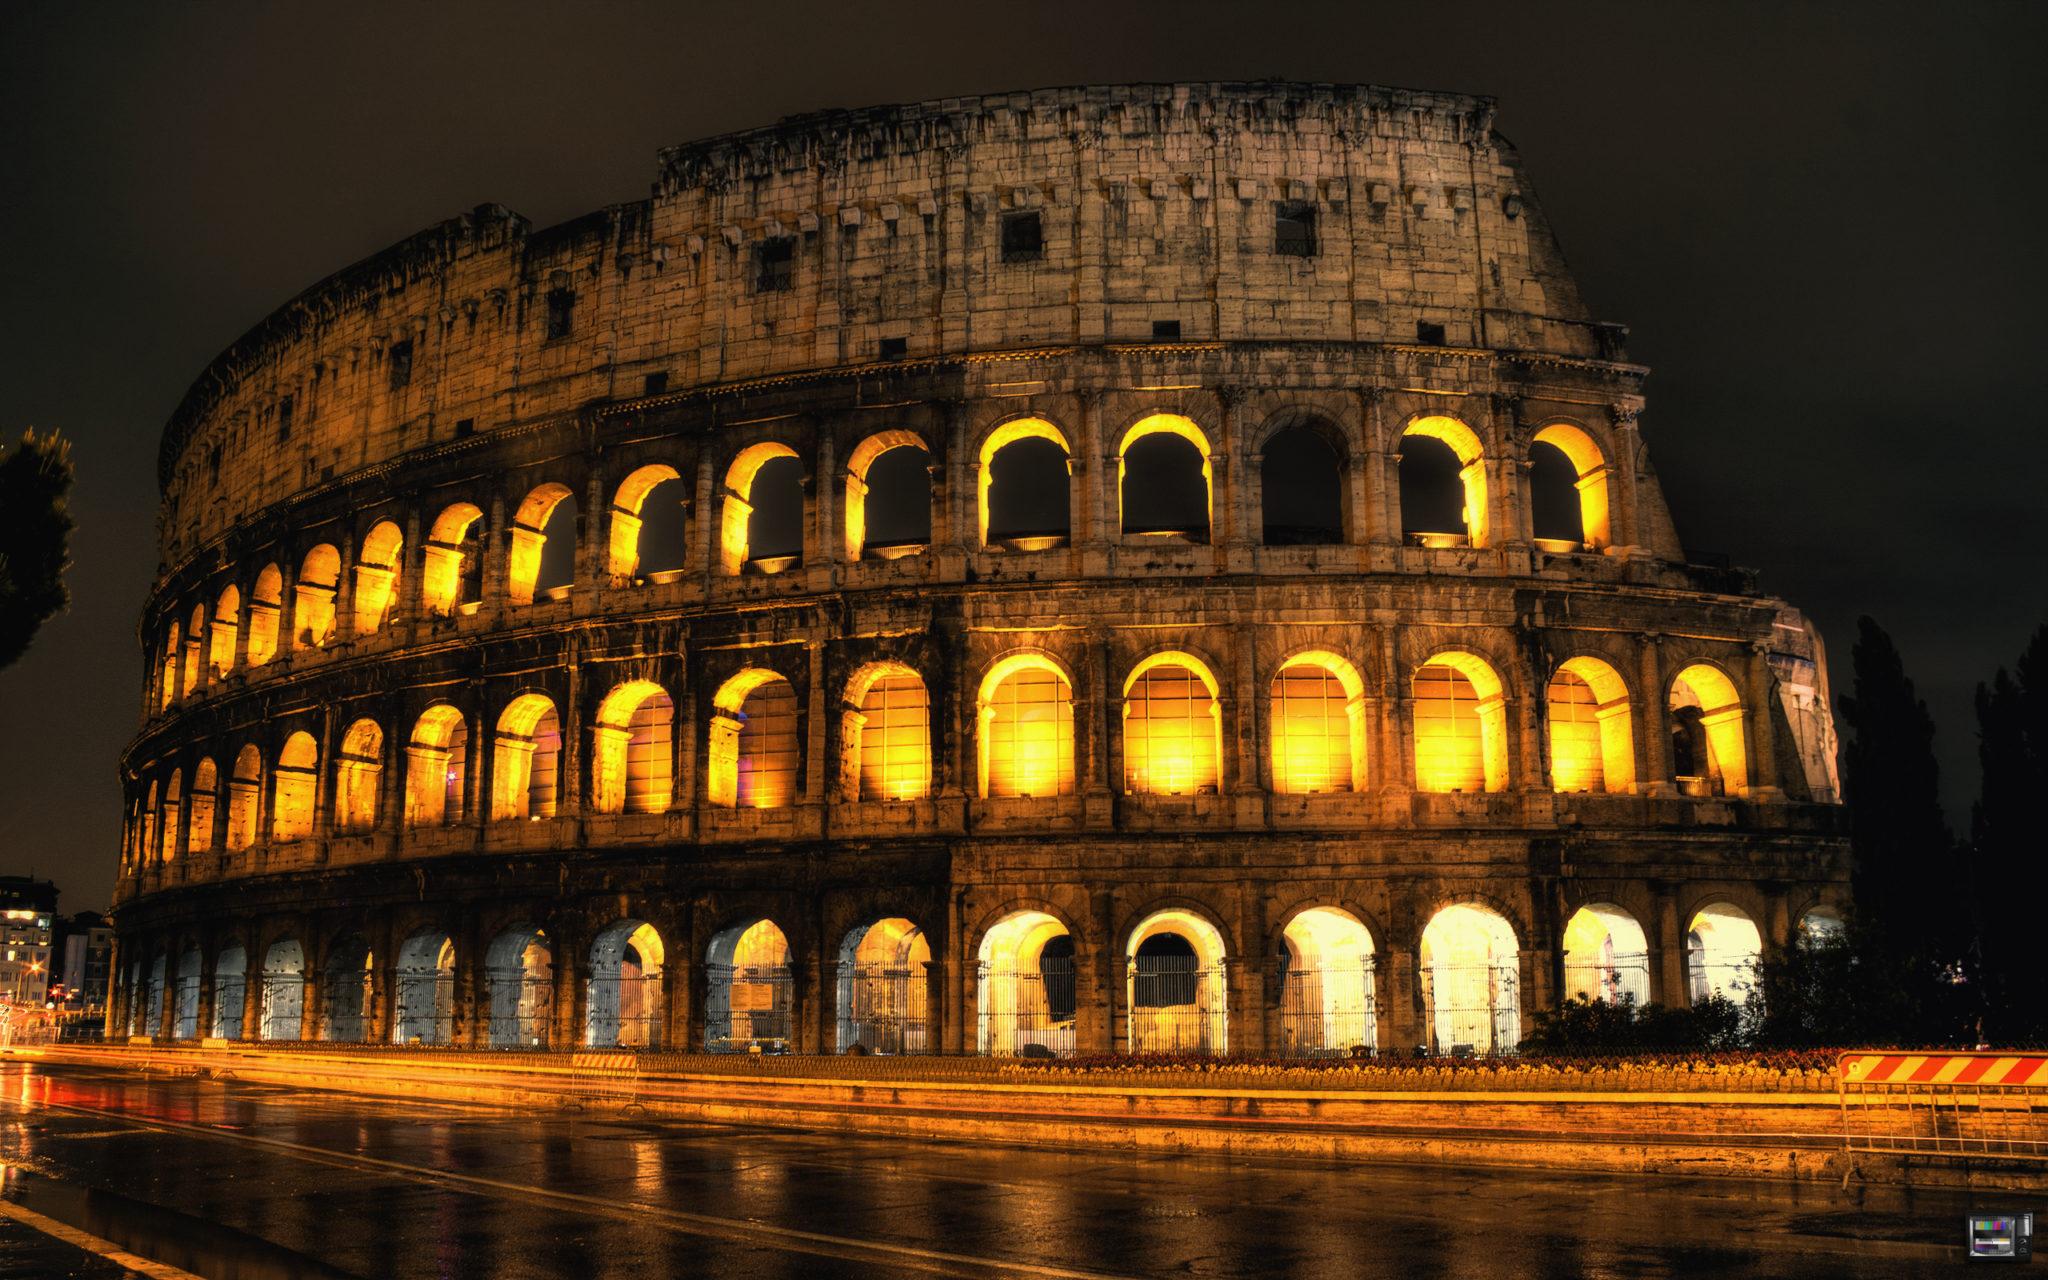 60 milioni di visitatori in 10 anni. Il Colosseo è il quarto sito culturale più visitato al mondo